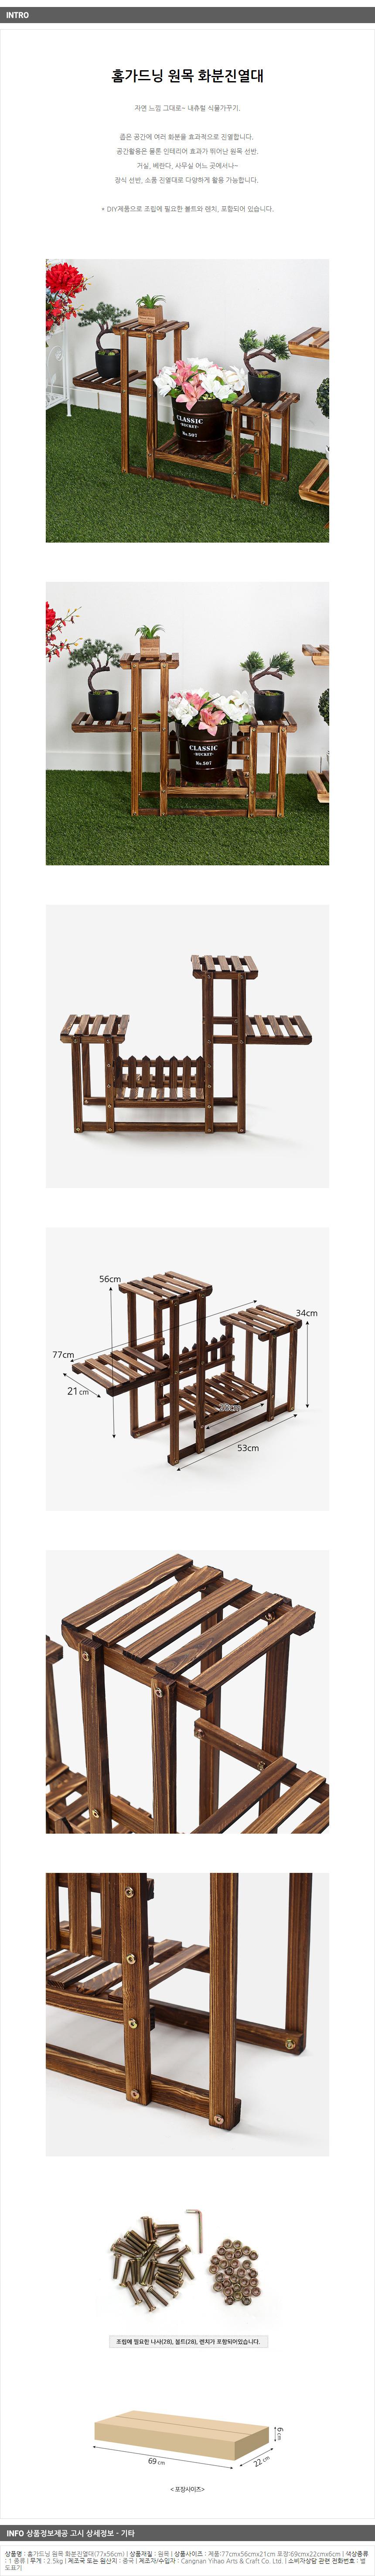 원목 3단 화분진열대 인테리어 화분선반 - 기프트갓, 26,340원, 가드닝도구, 화분대/화분받침